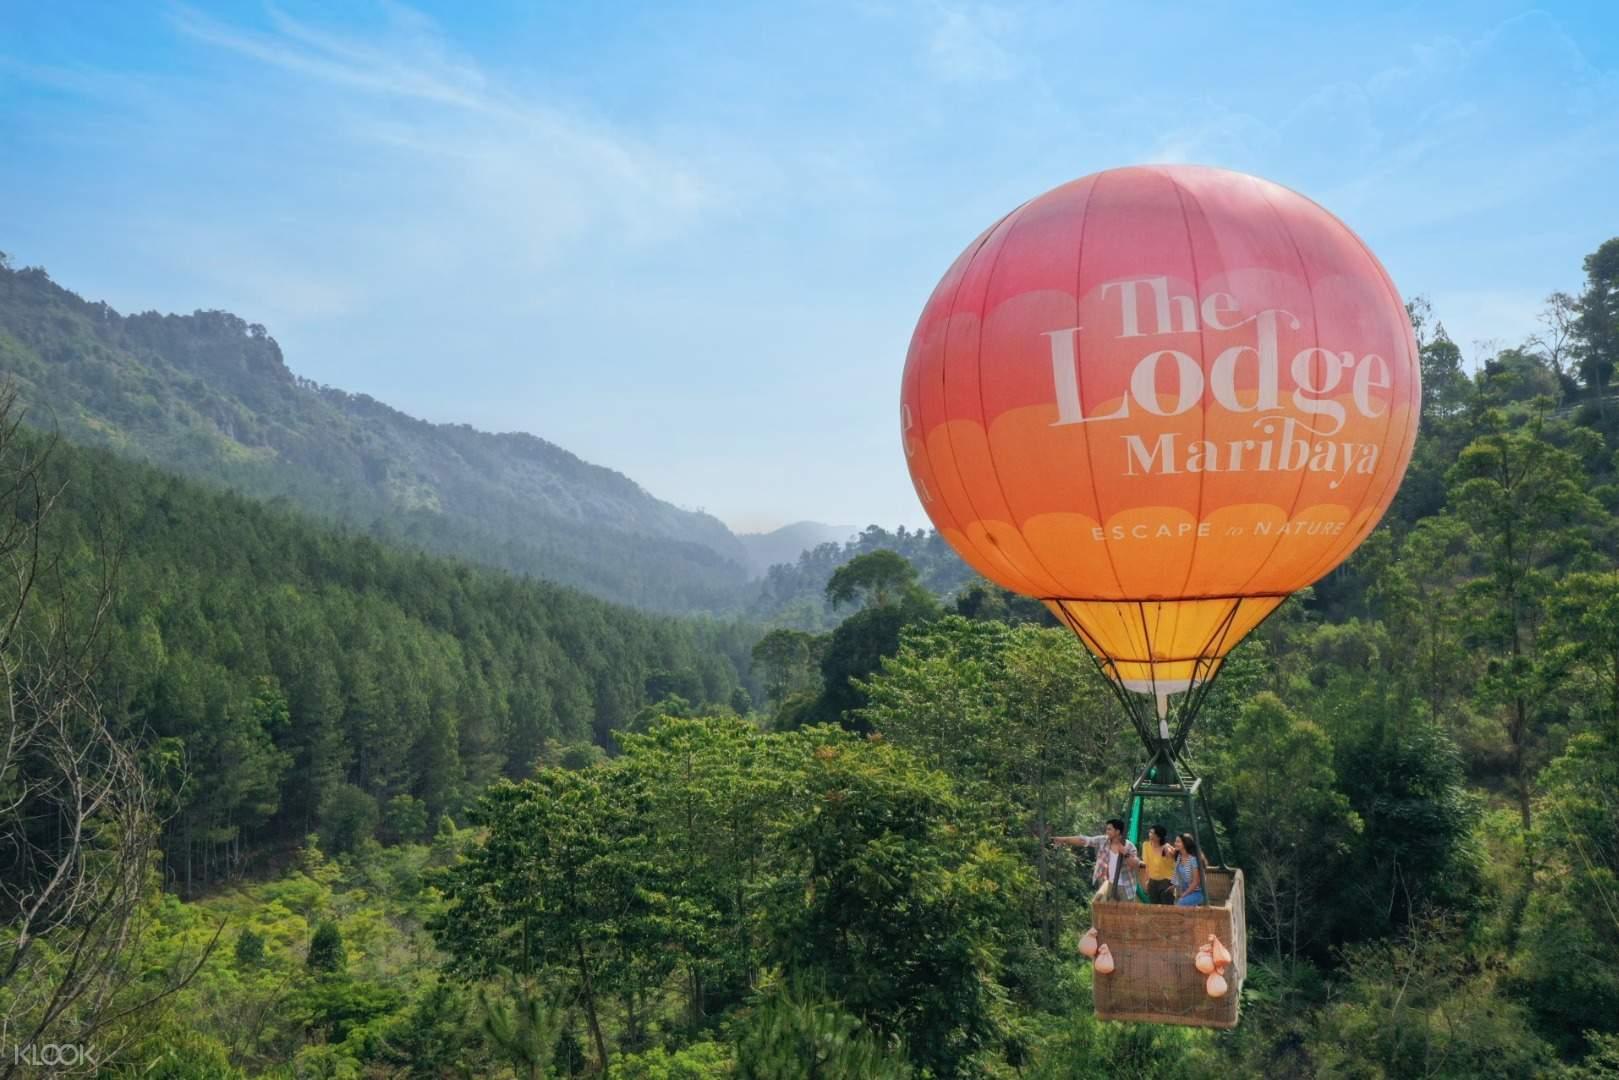 The Lodge Maribaya Ticket in Bandung - Klook Canada